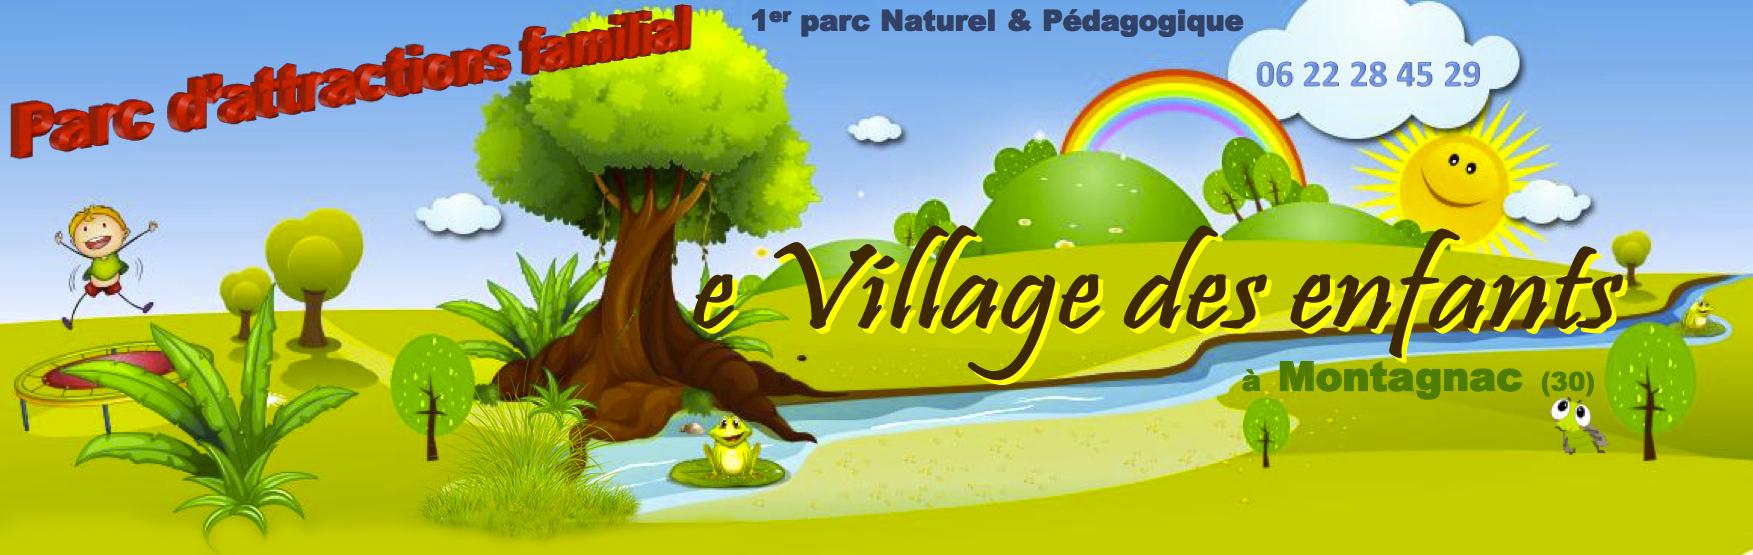 Accueil, Sortie Loisirs En Famille Avec Les Enfants, Parc D tout Jeux Gratuit De Village